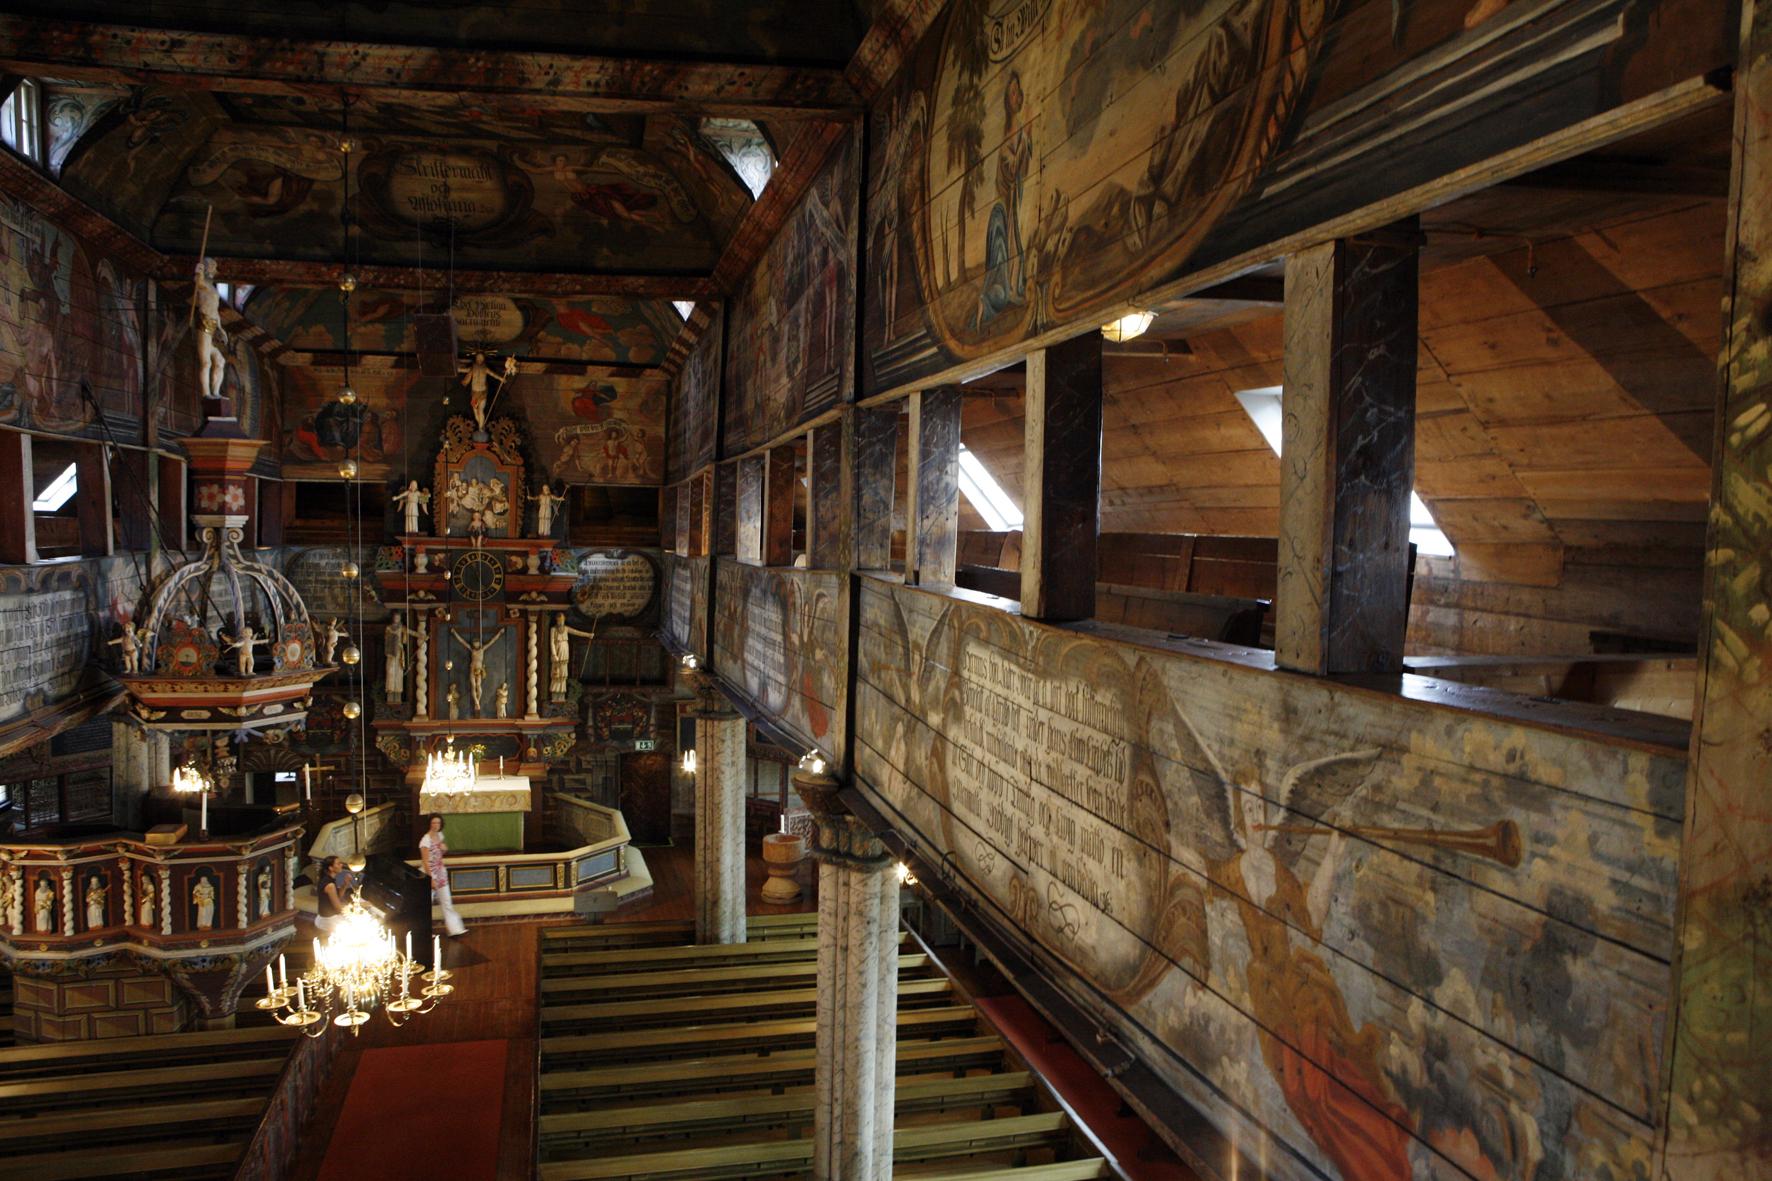 Habo kyrka från insidan med vackra detaljer